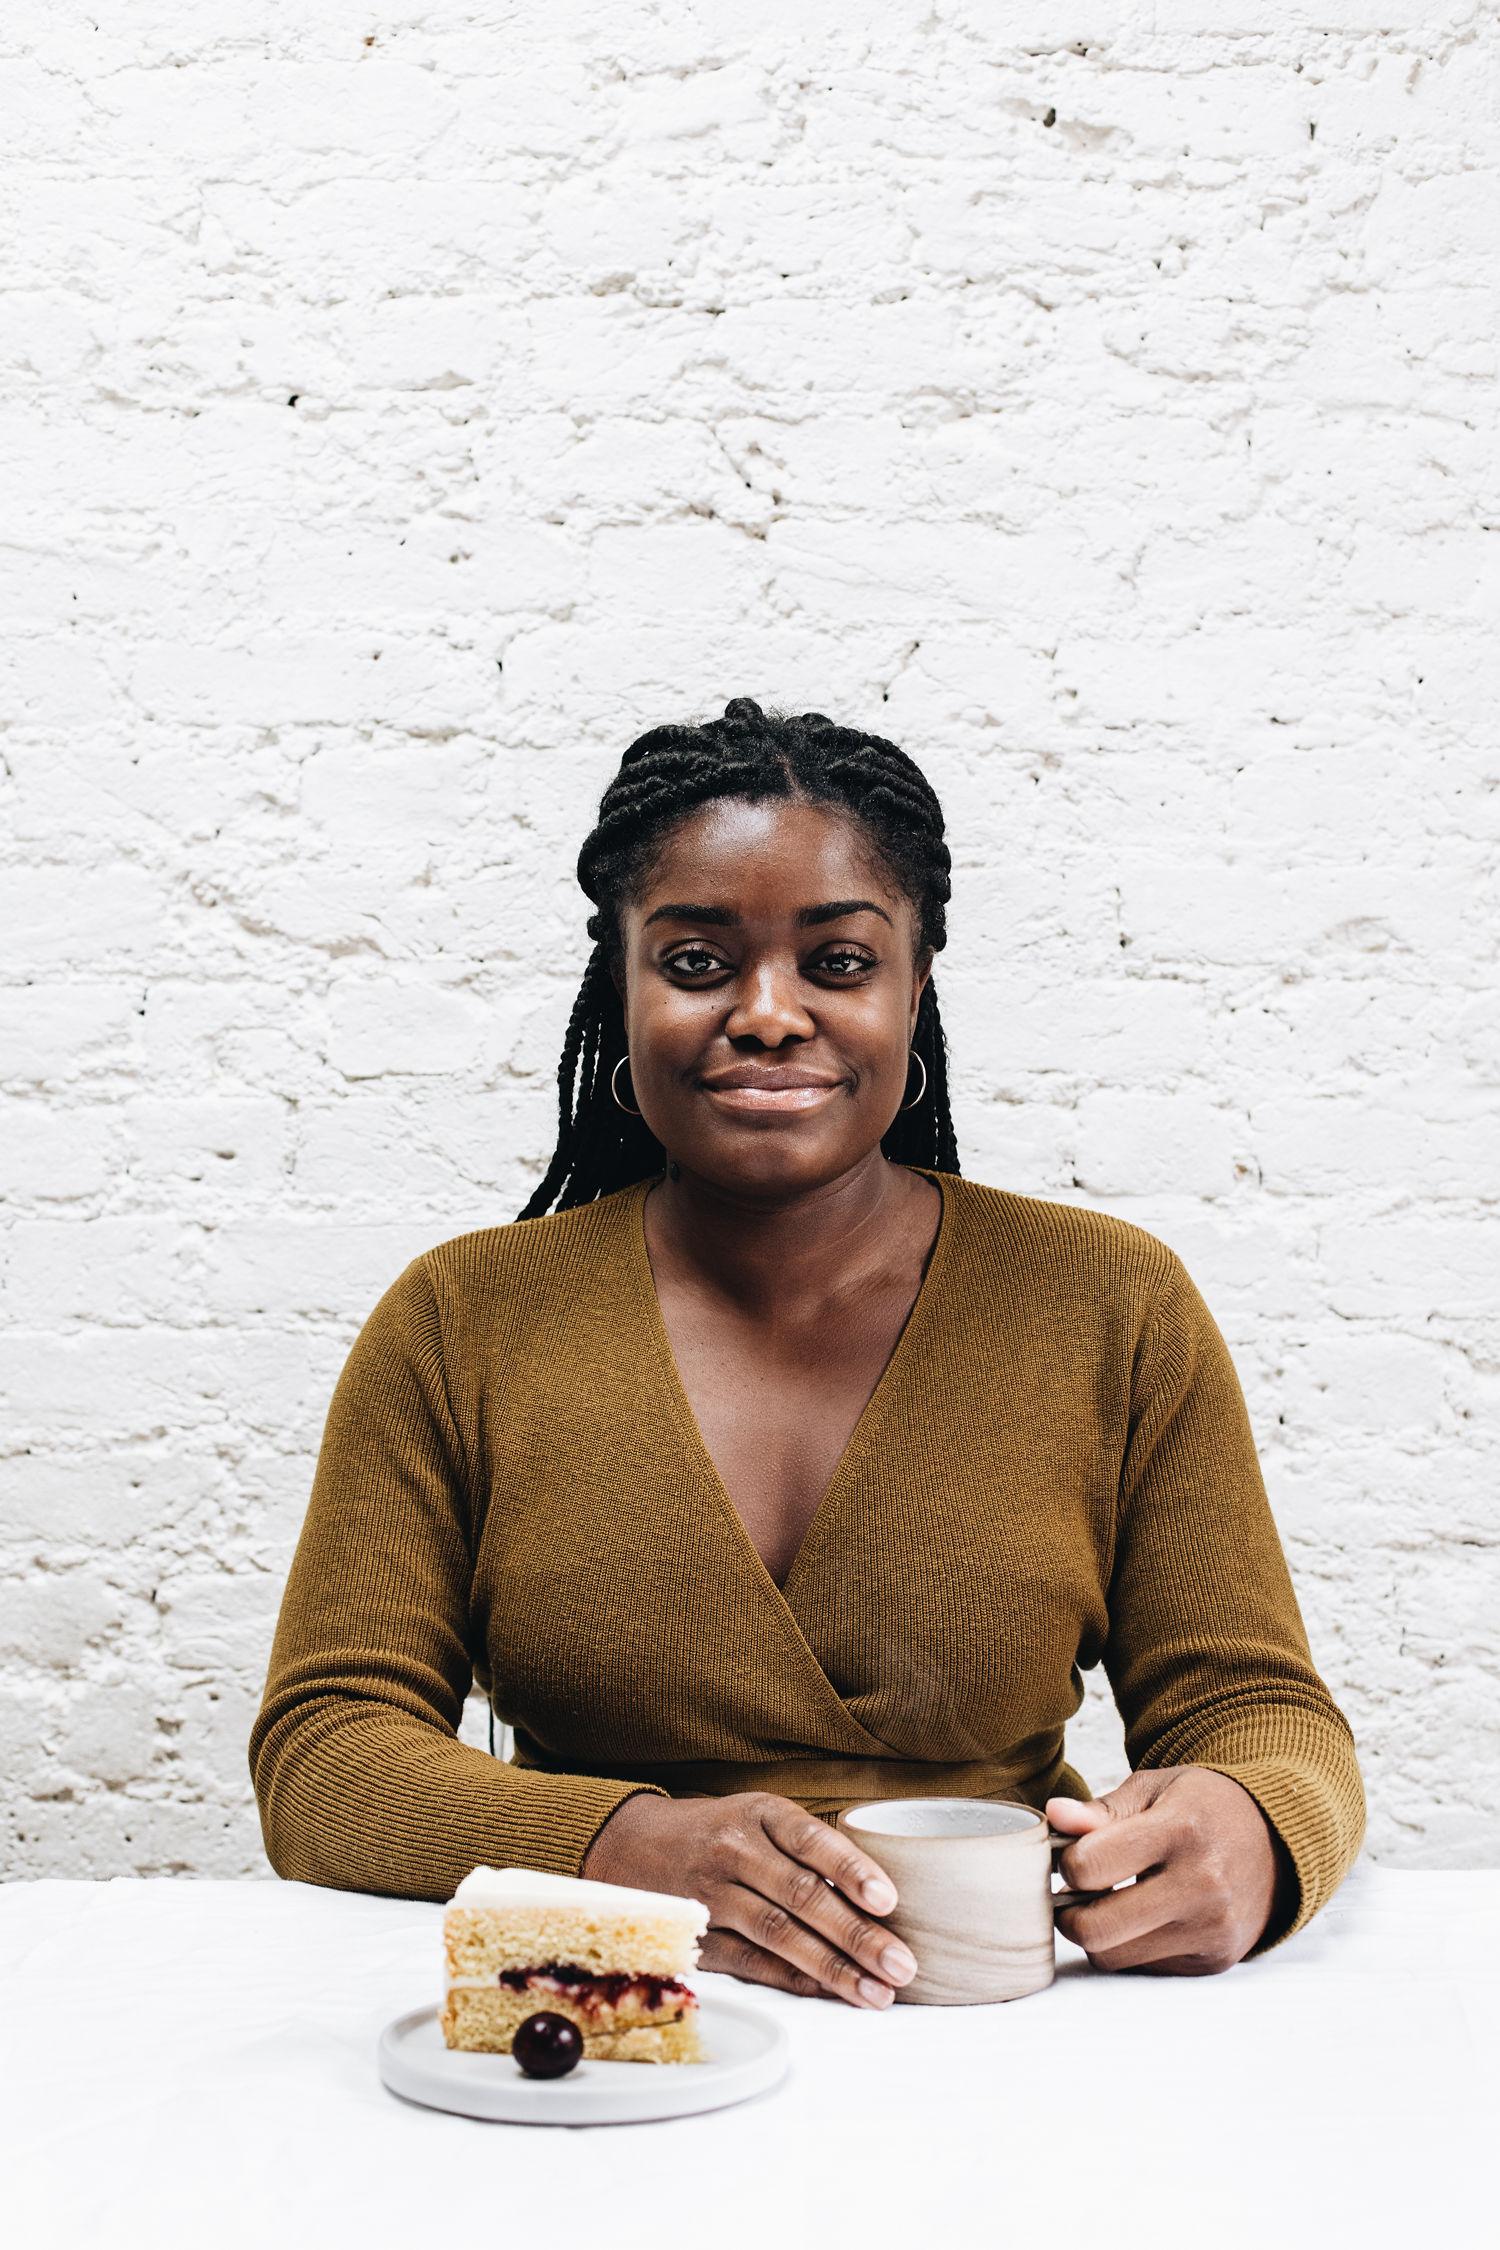 Portrait by Holly Wulff Petersen